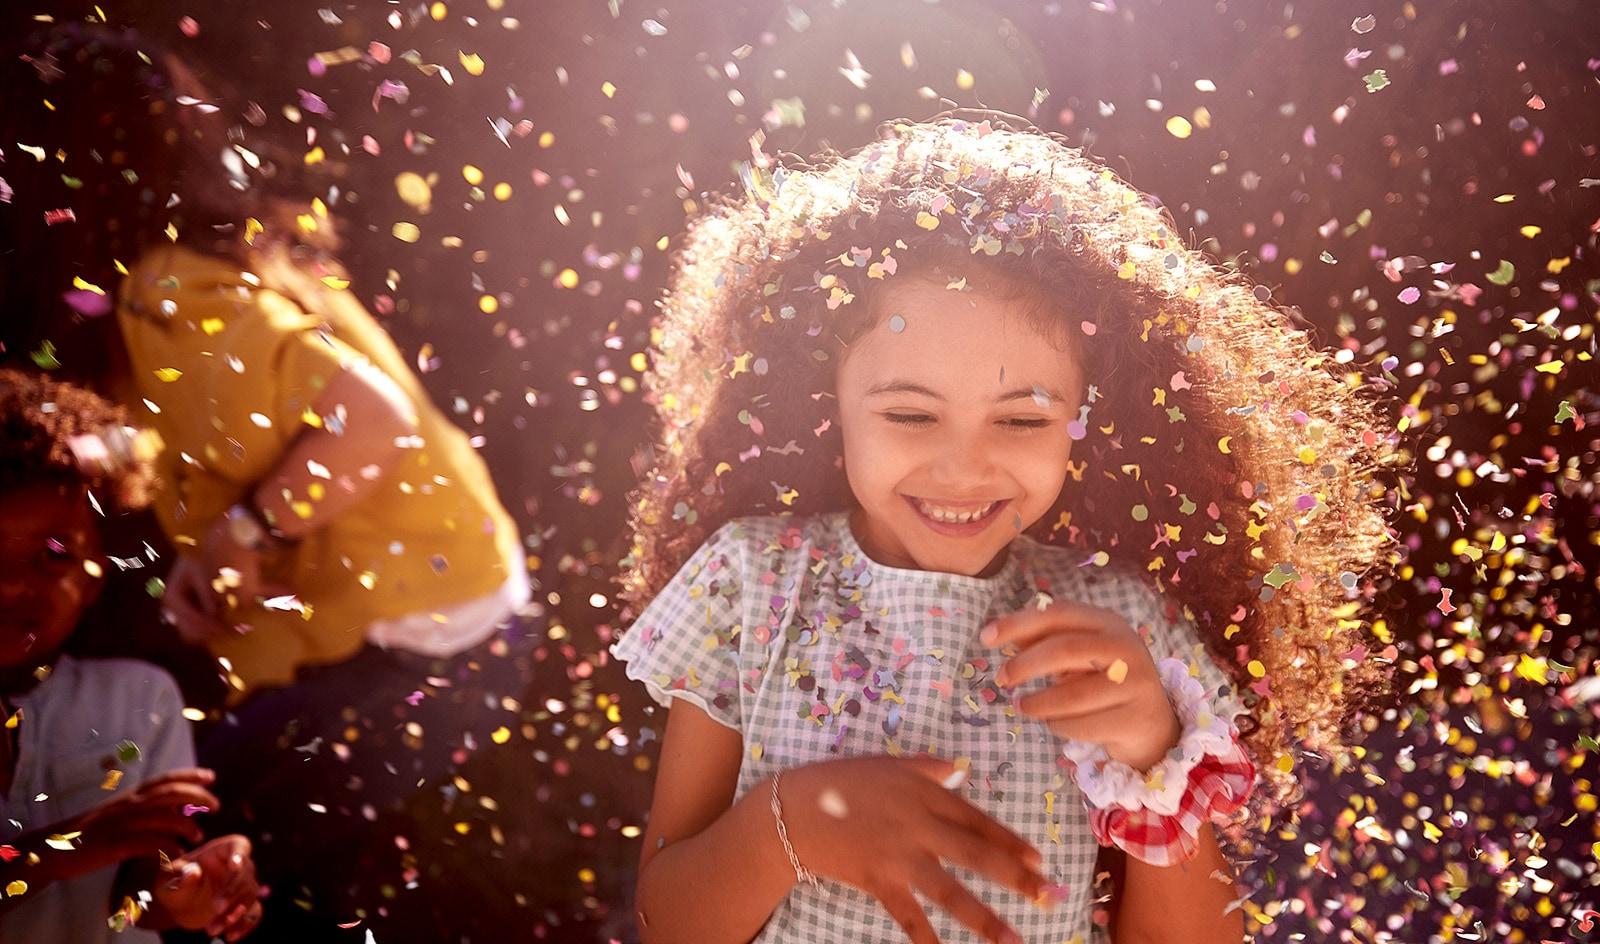 Esta tarjeta describe la calidad del sonido. Es una imagen de una niña sonriendo alegremente en celebración.